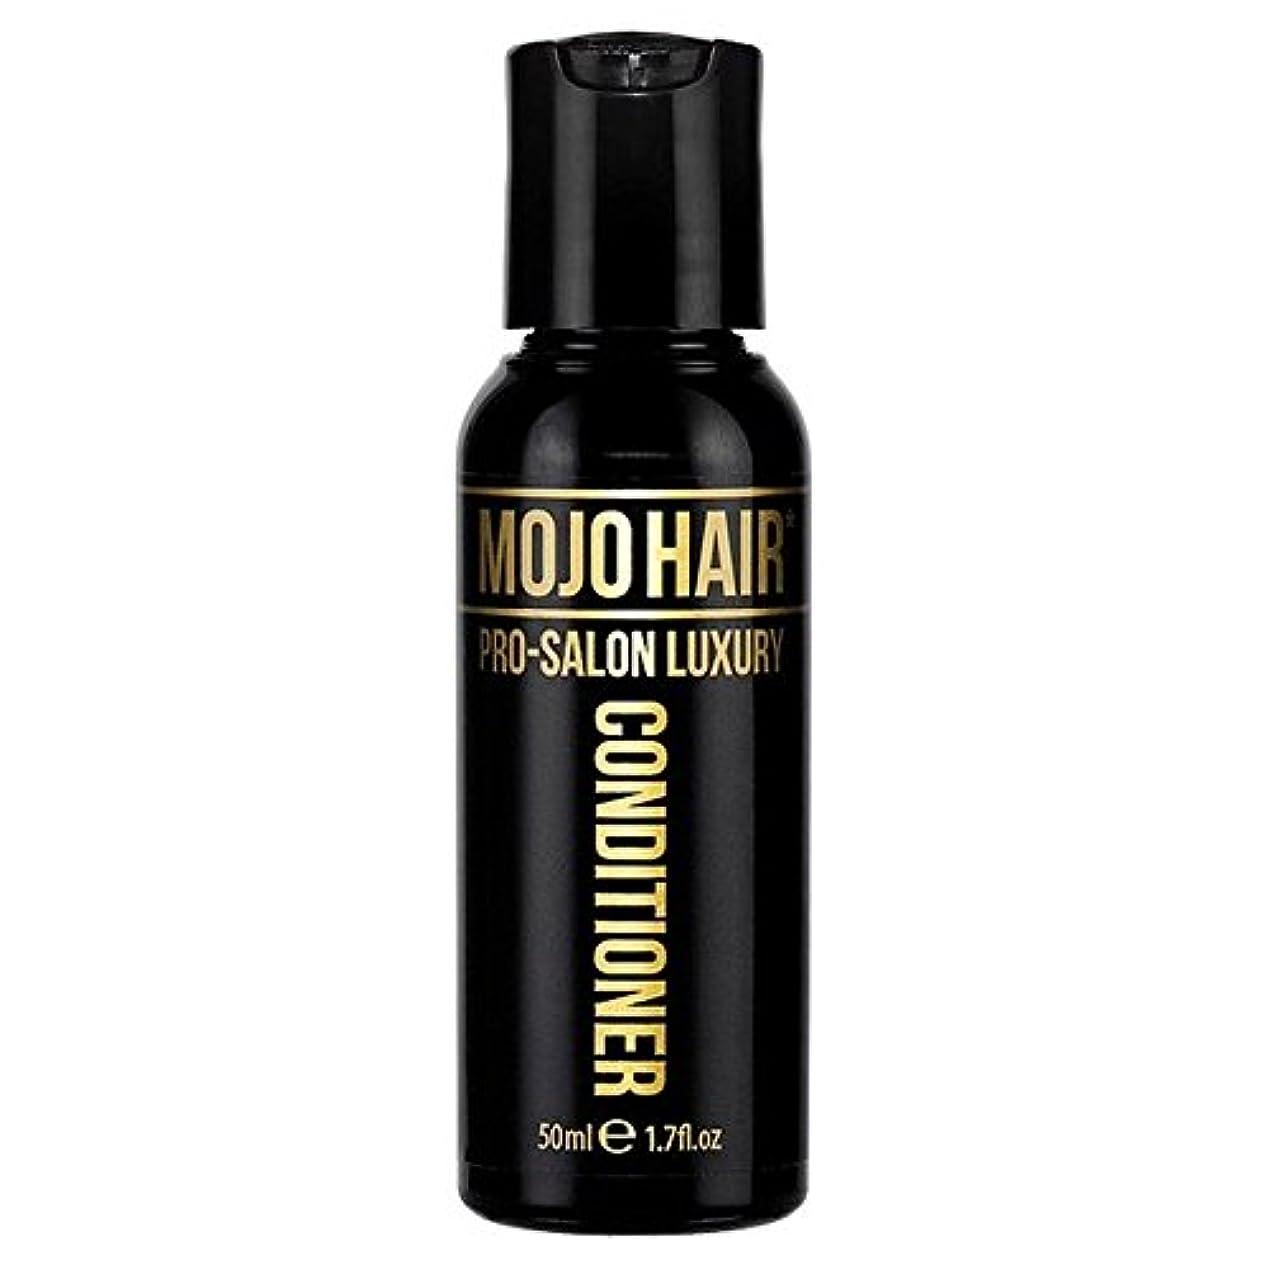 シャトル保存する権限男性のためのモジョの毛プロのサロンの贅沢な香りコンディショナー、トラベルサイズの50ミリリットル x4 - MOJO HAIR Pro-Salon Luxury Fragrance Conditioner for Men...